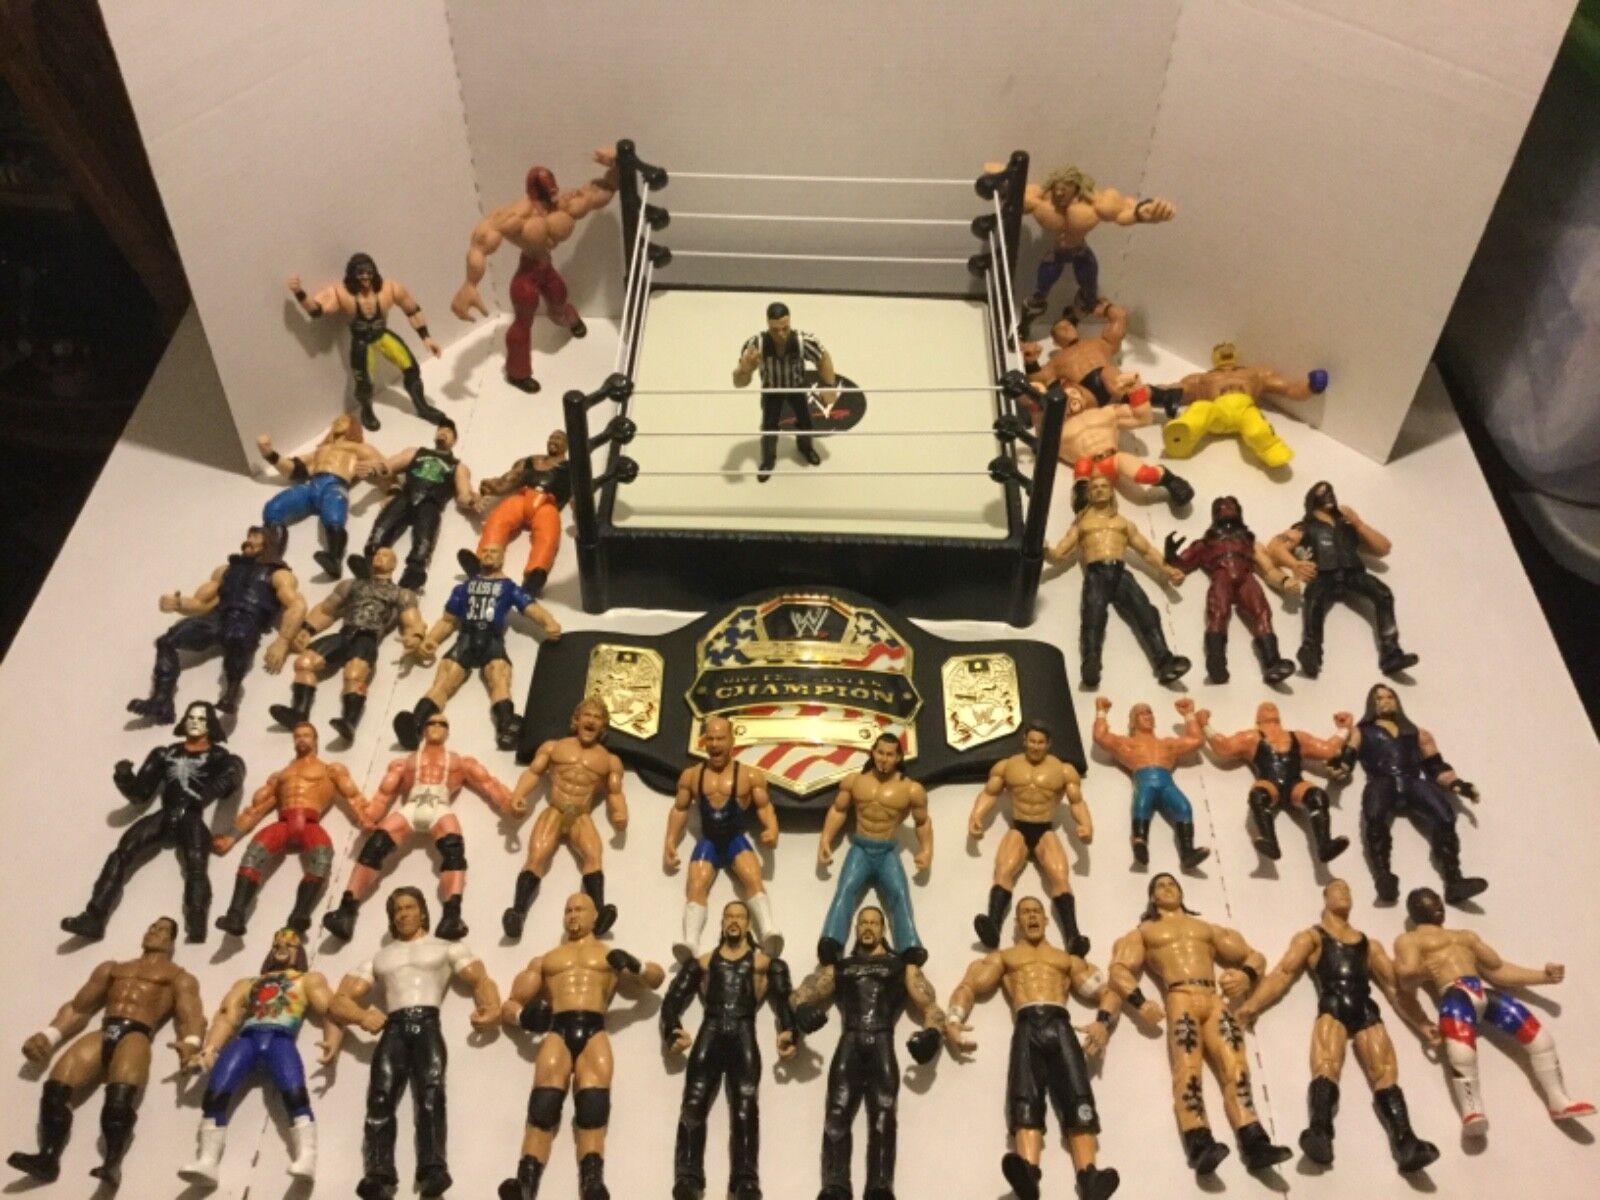 Huge Lot 30 Jakks WWE Wrestling azione cifras + + + BELT & RING  141eaa